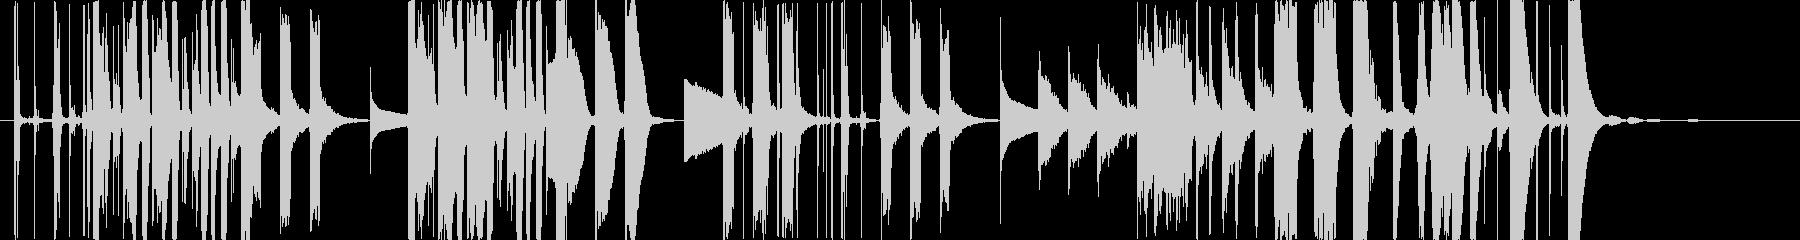 プロダクトCMフューチャーベース風の未再生の波形